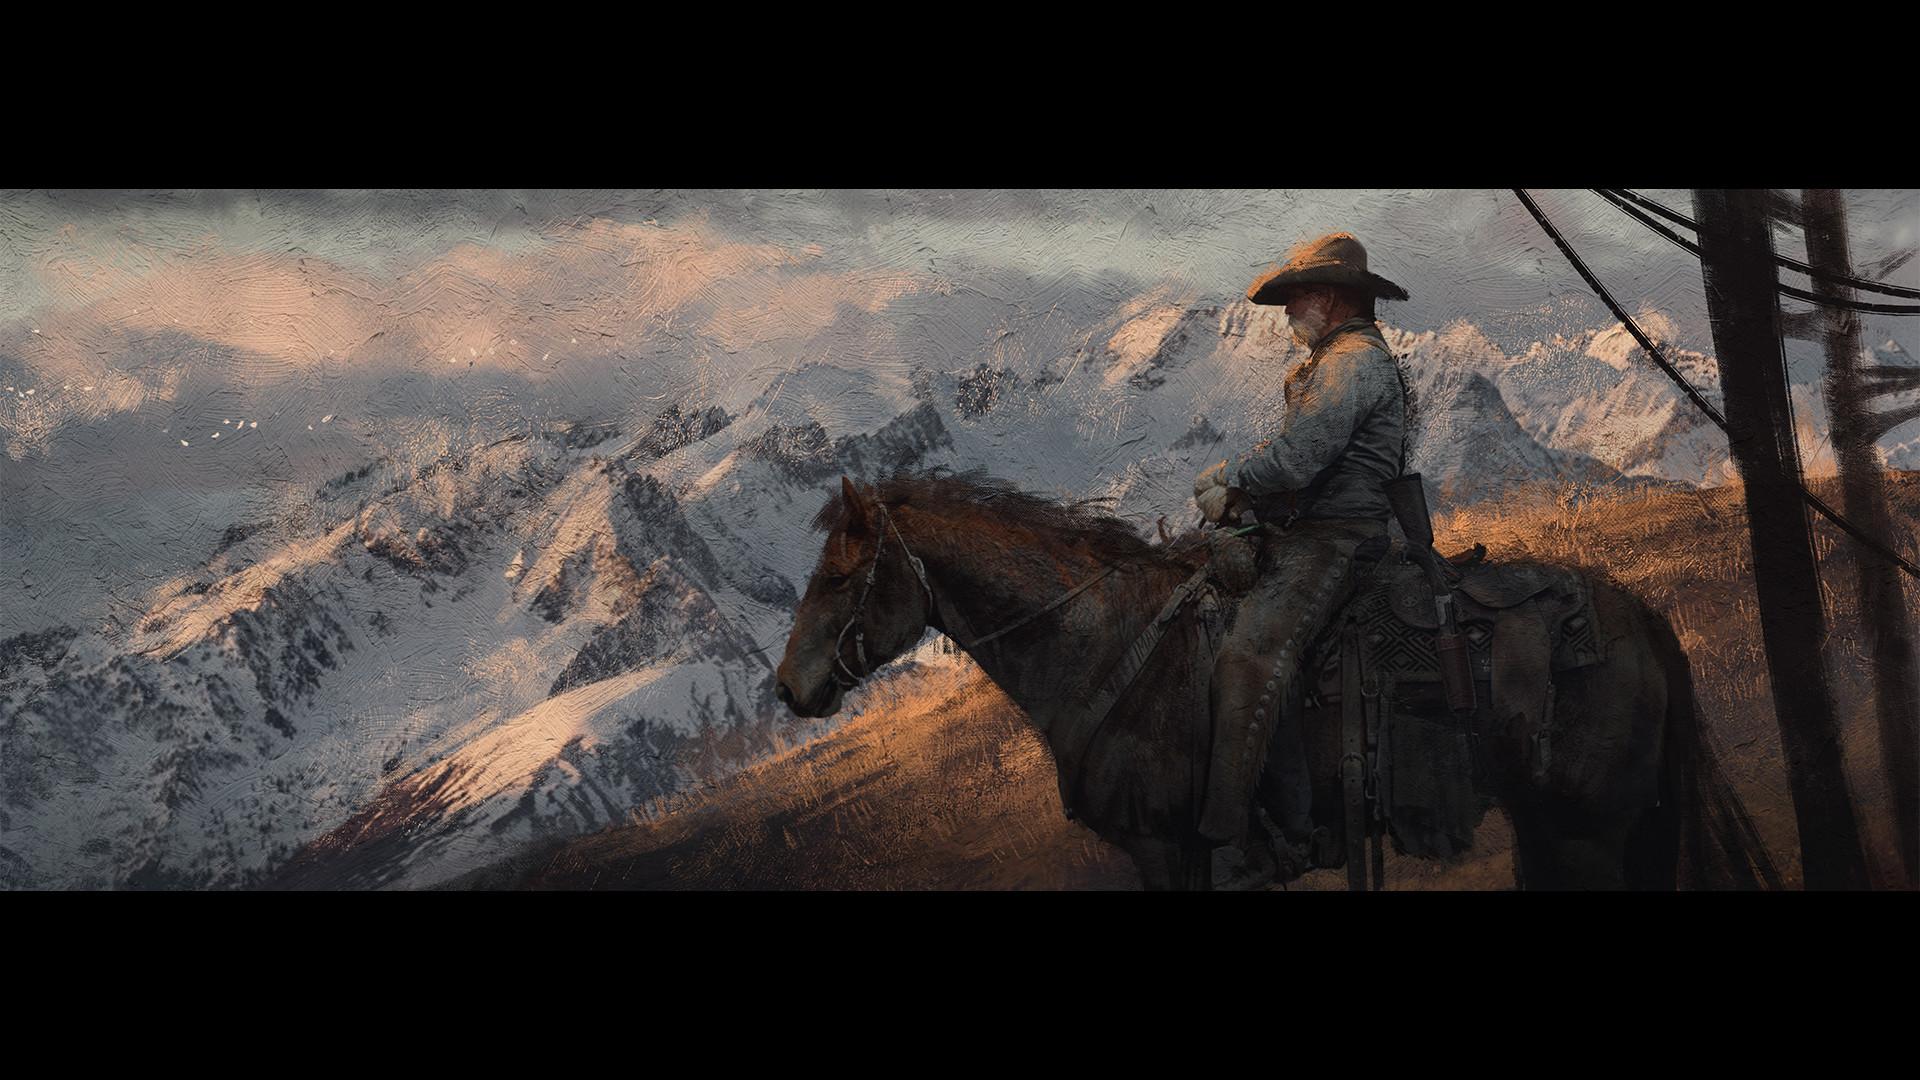 Imx awan cowboy final